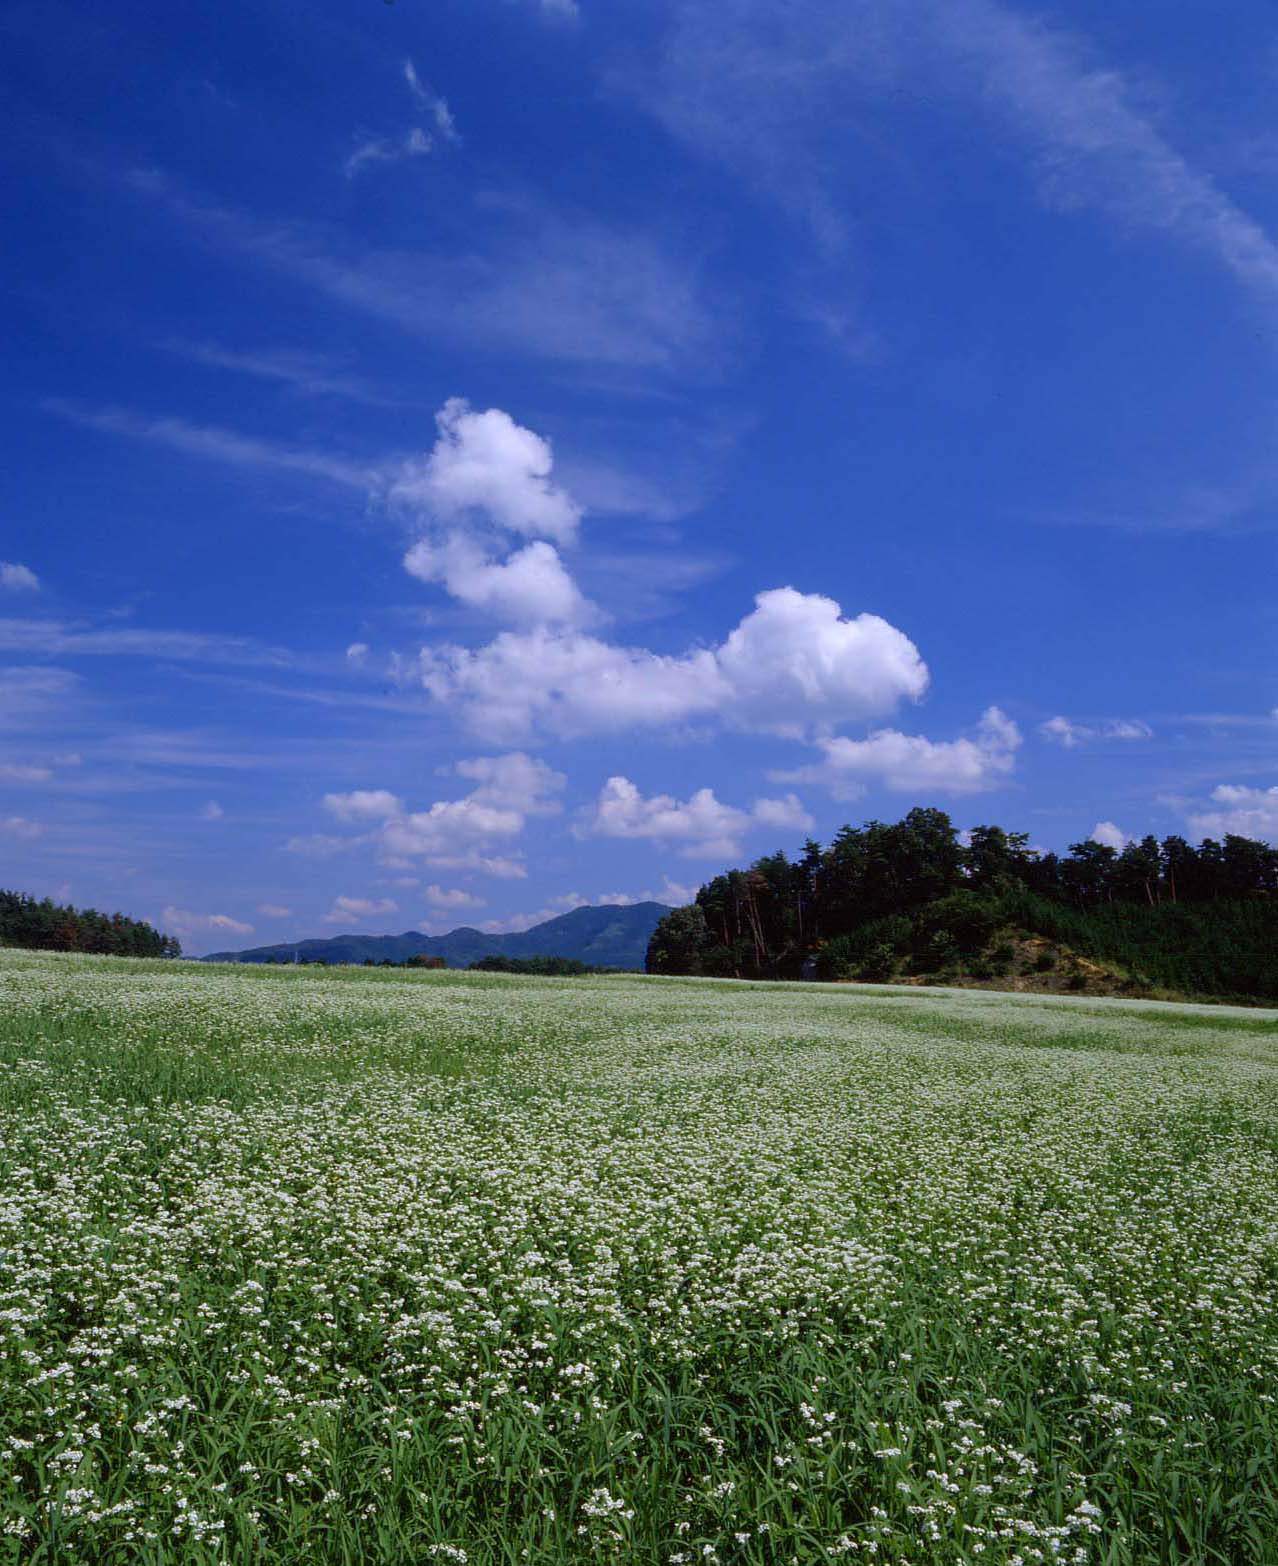 桜井市 笠 蕎麦の花 : 魅せられて大和路